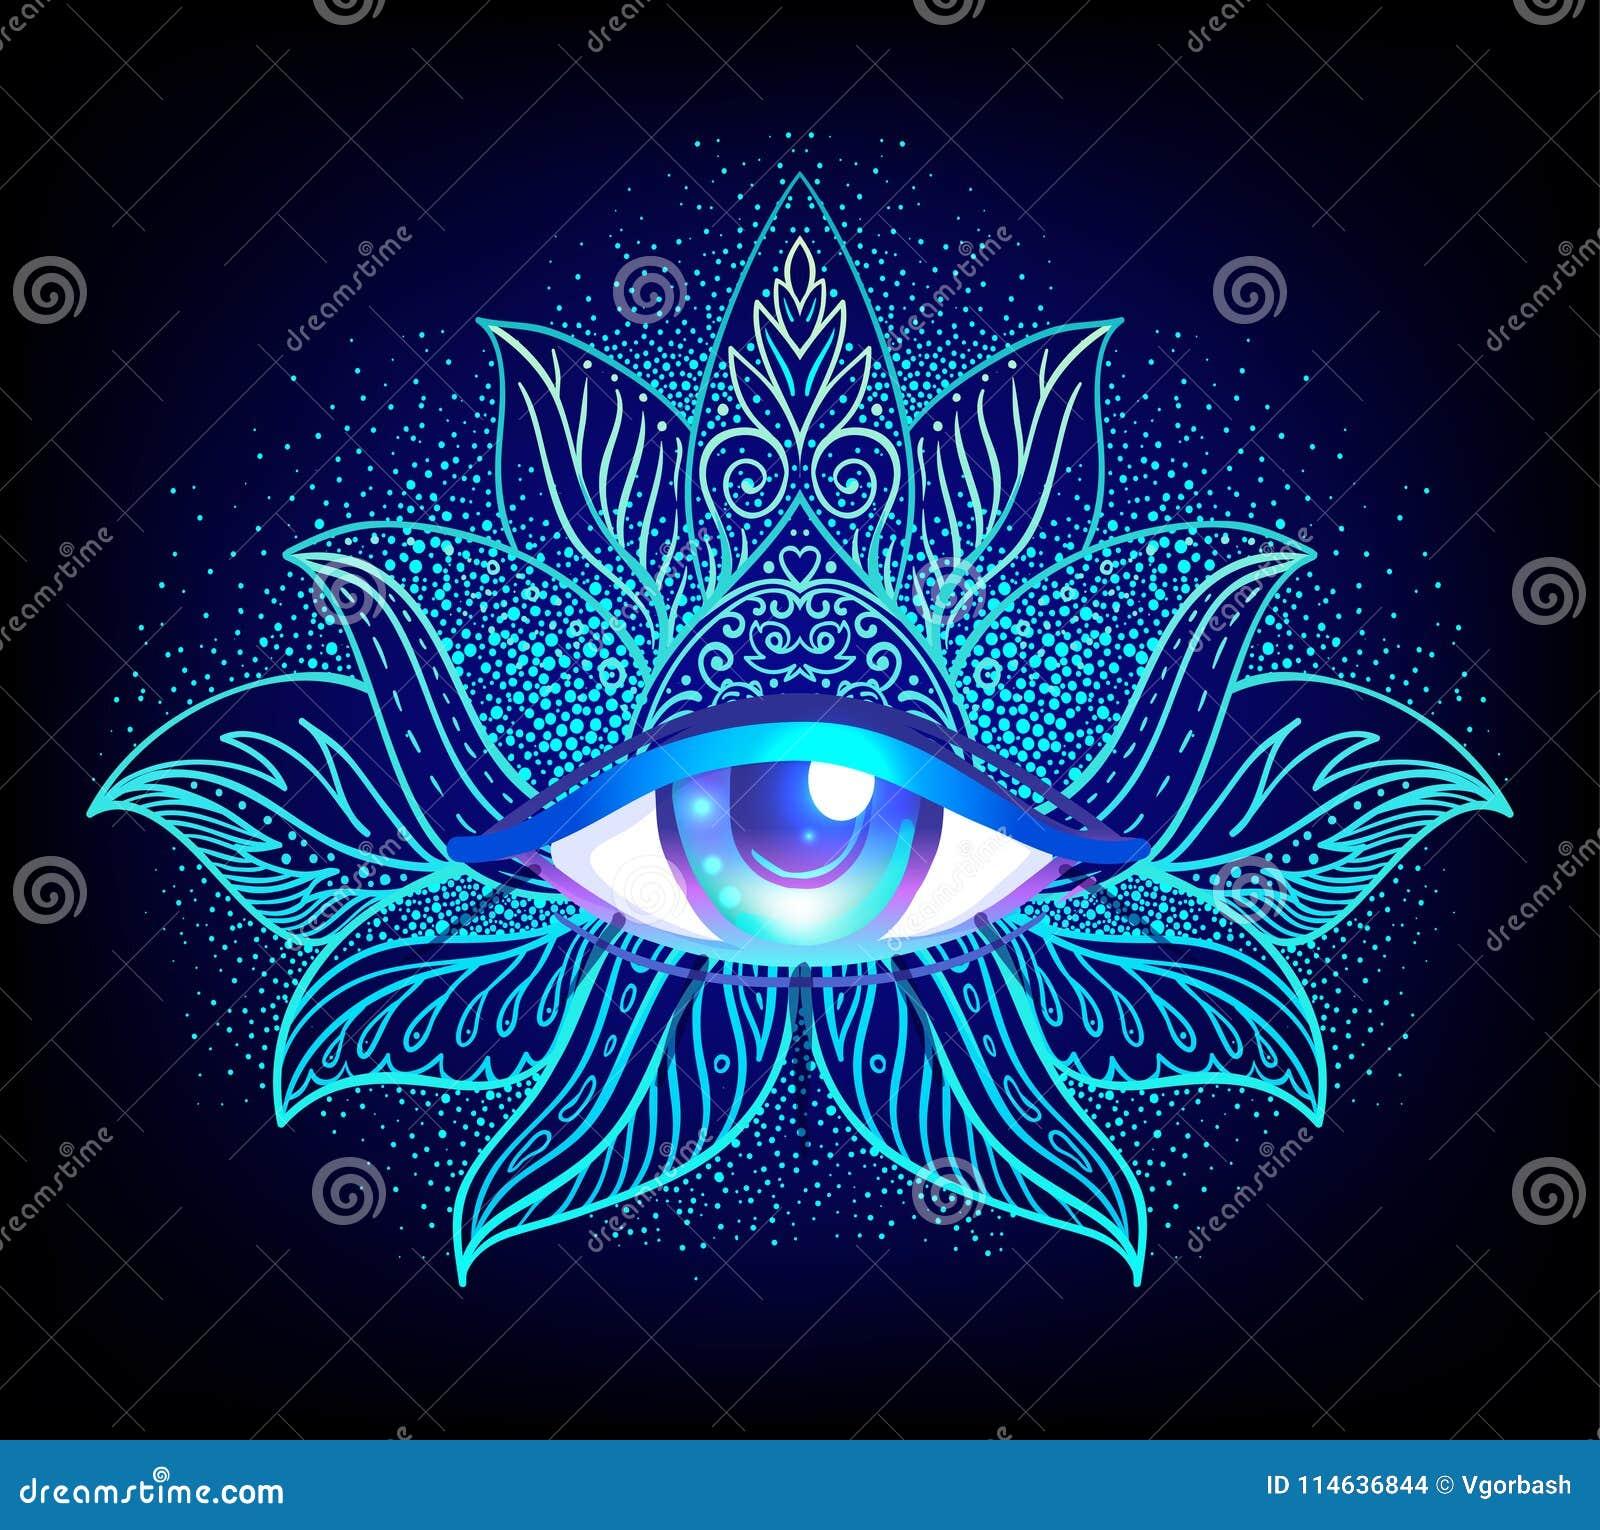 Święty geometria symbol z wszystkie widzii okiem w zjadliwych kolorach